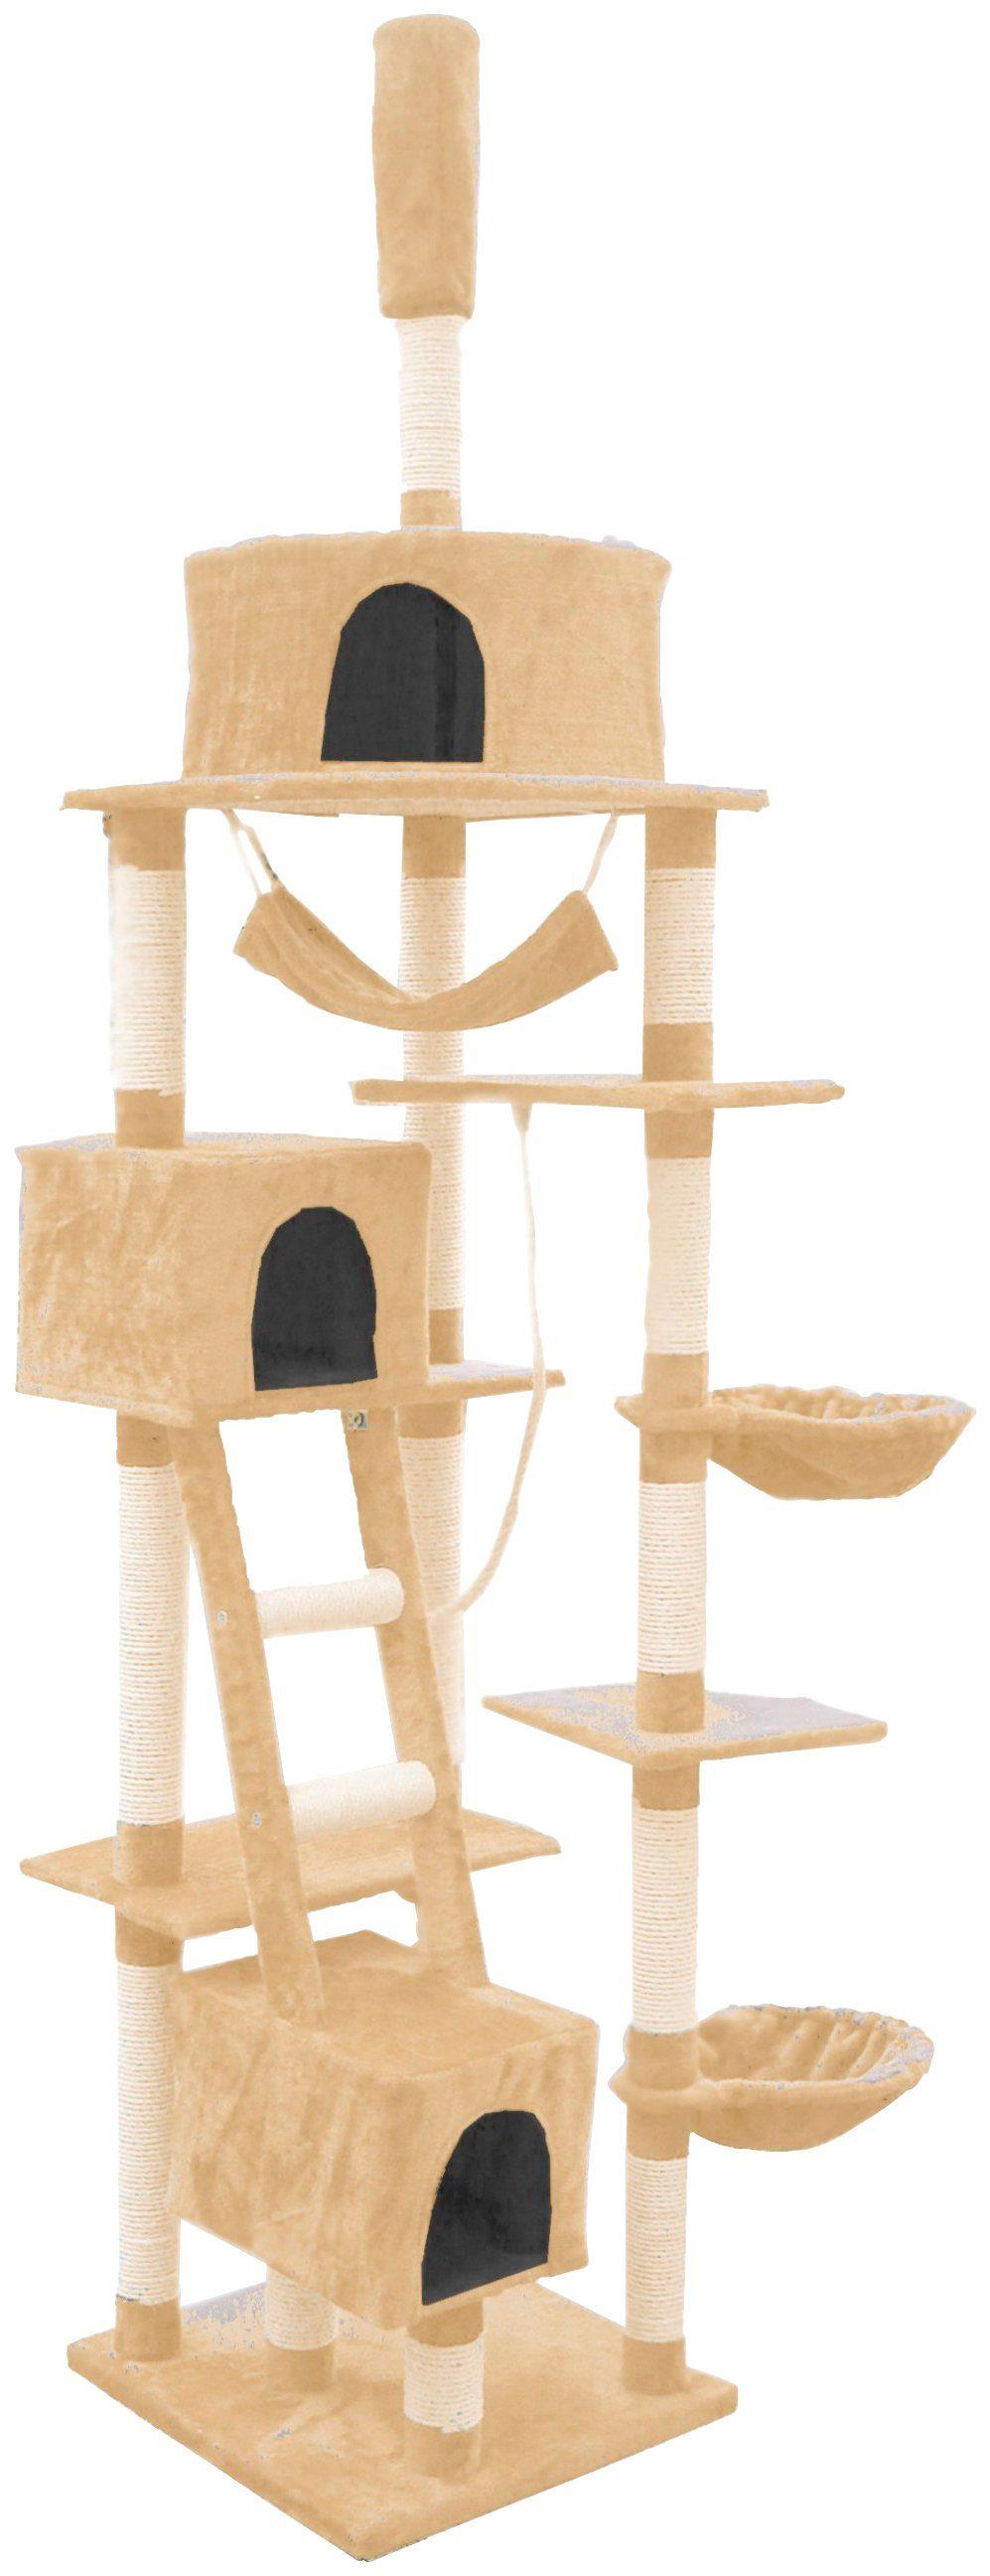 SILVIO DESIGN Kratzbaum-Deckenspanner »Rocky«, B/T/H: 70/50/230-250 cm, beige